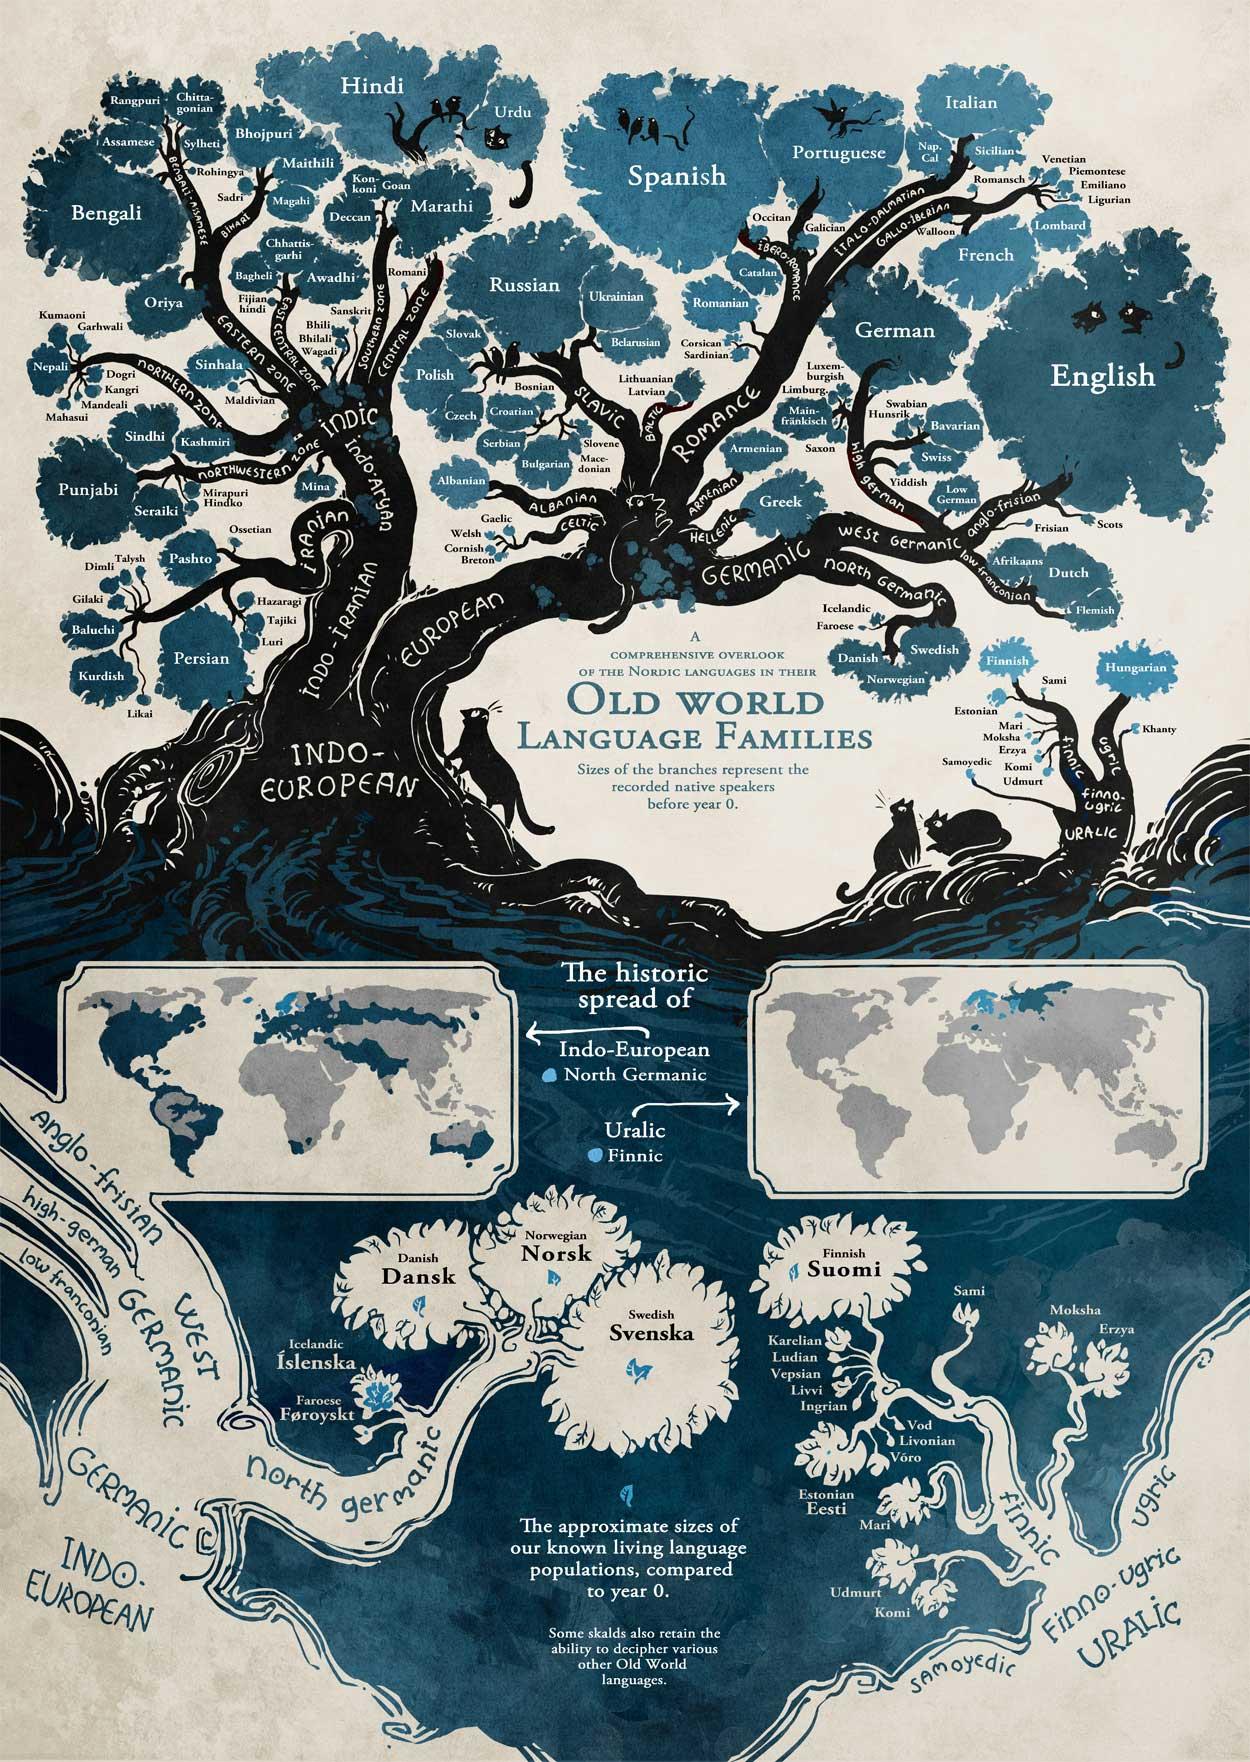 Alle Weltsprachen in einem Baum visualisiert Sprachenbaum_01